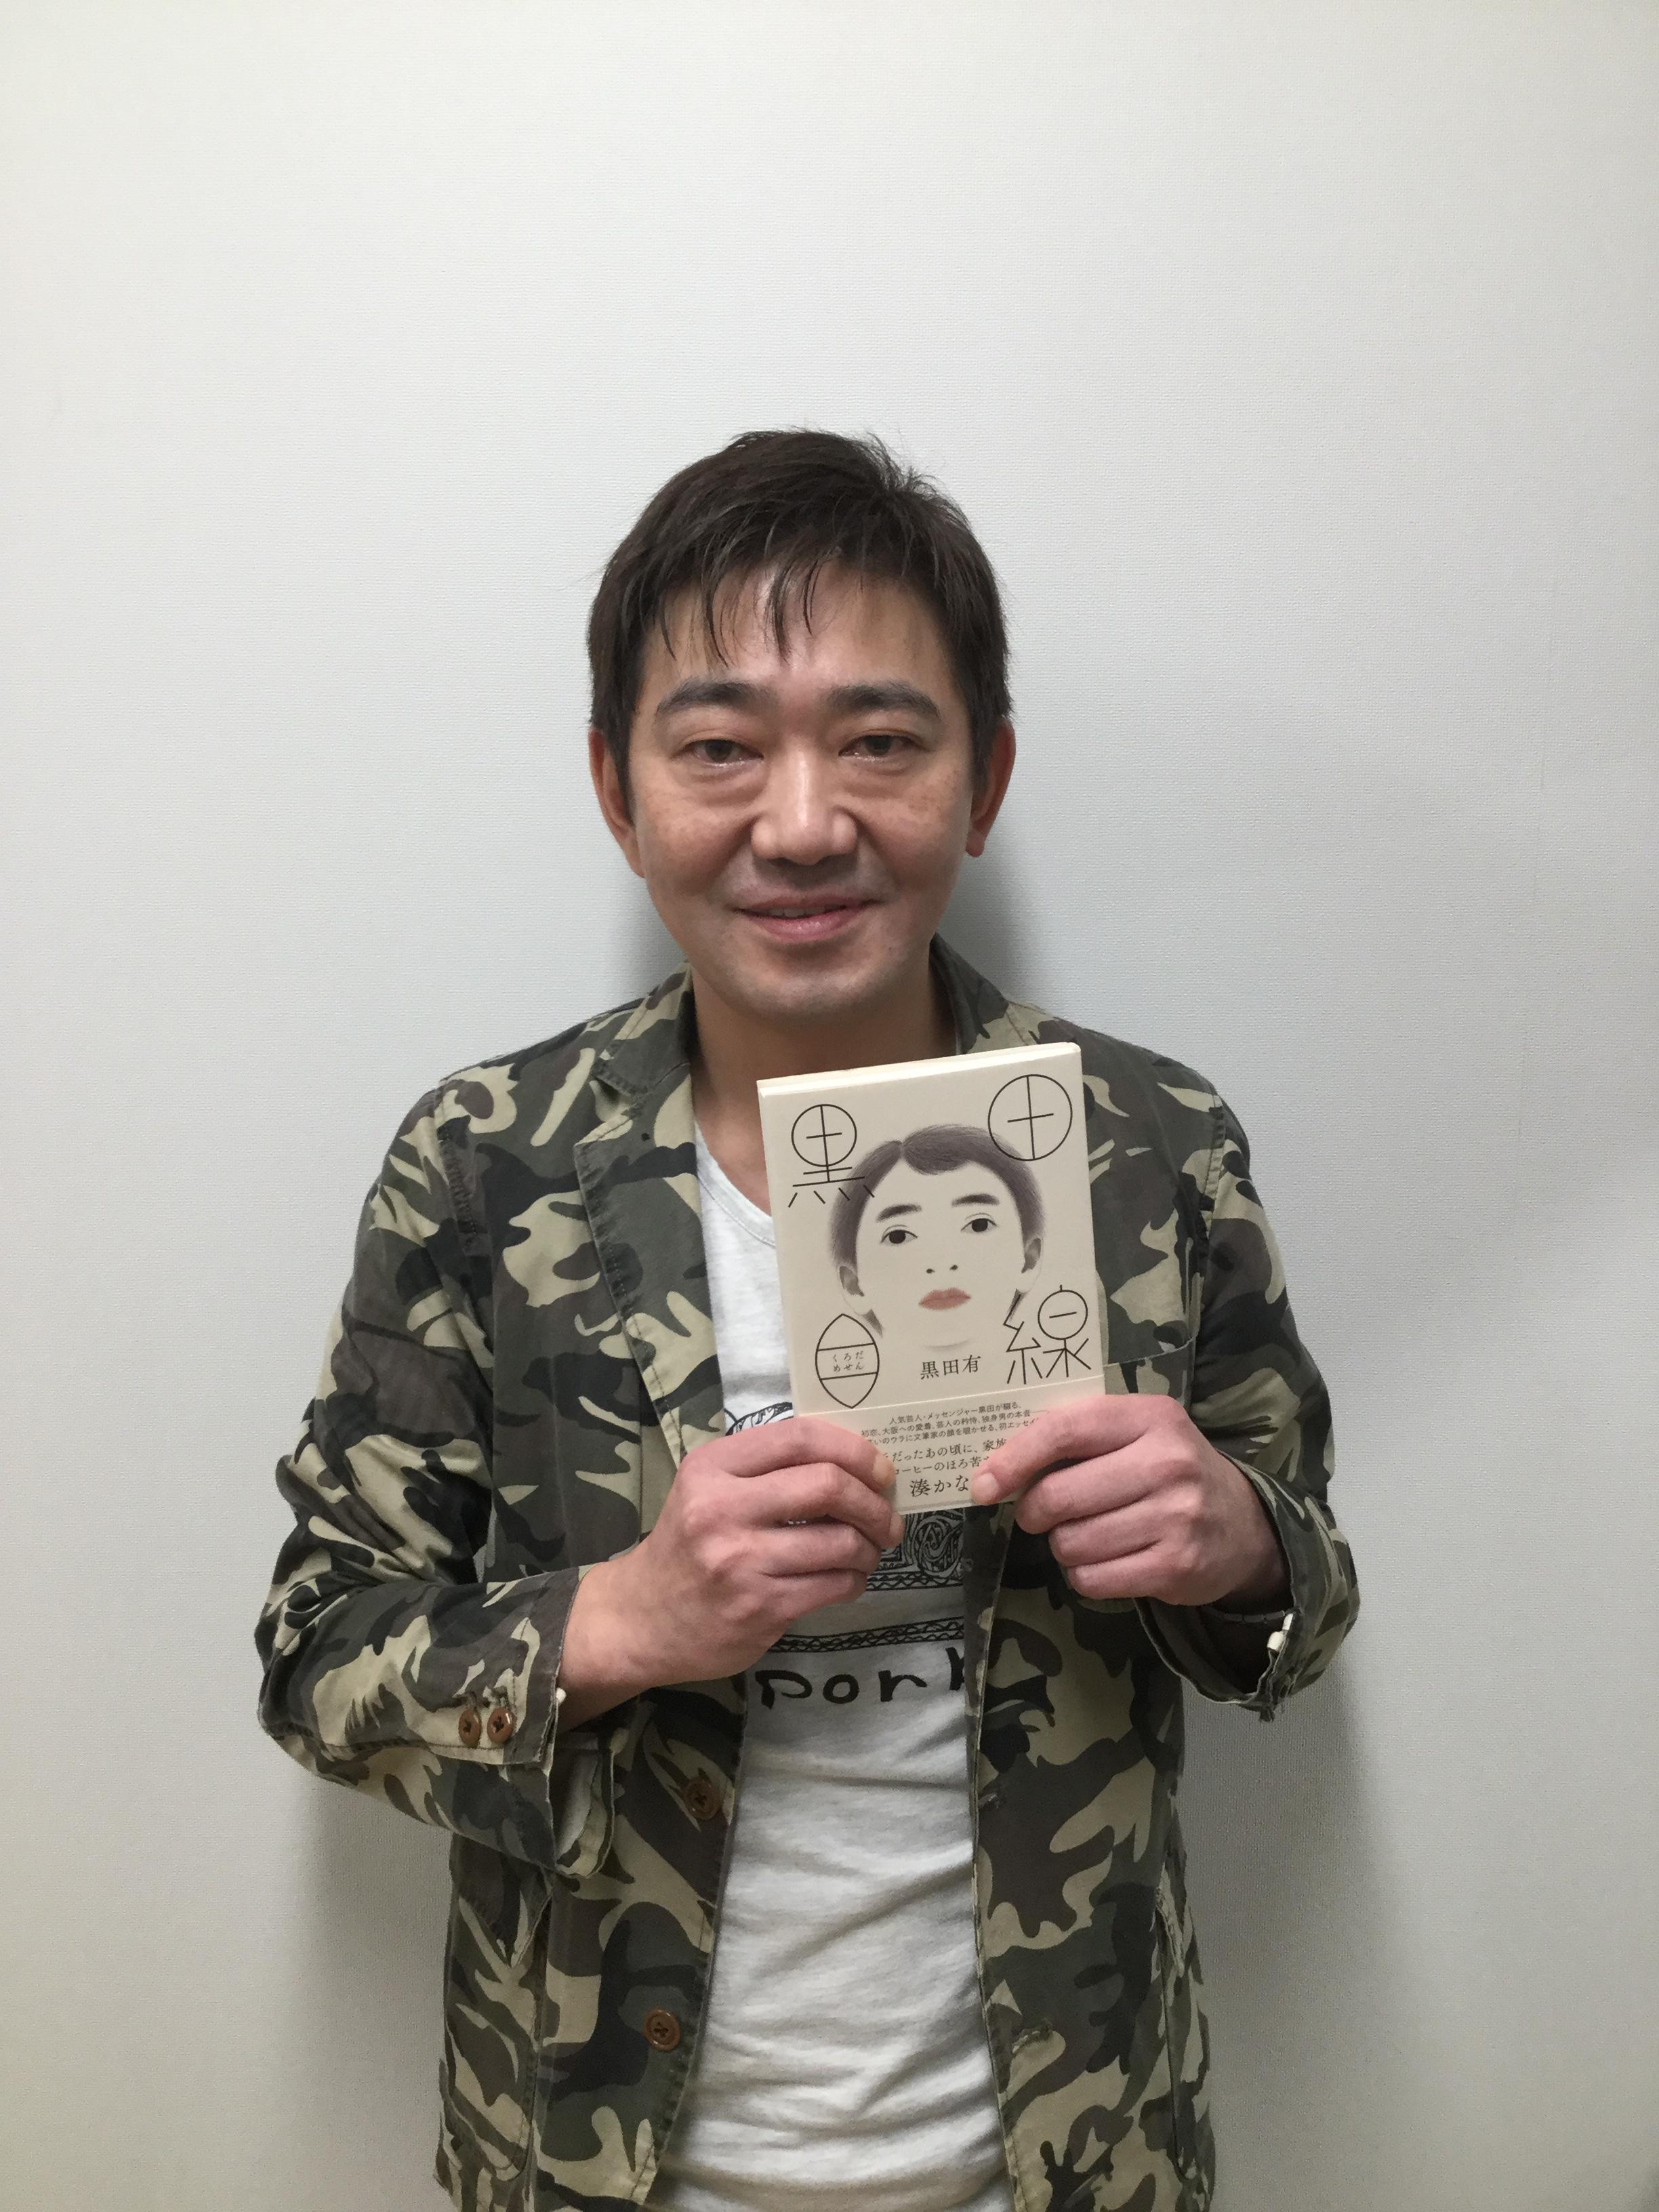 http://news.yoshimoto.co.jp/20181025230920-ab8e03e1c531115f6ae33584d3c133ce18bc9ec0.jpg